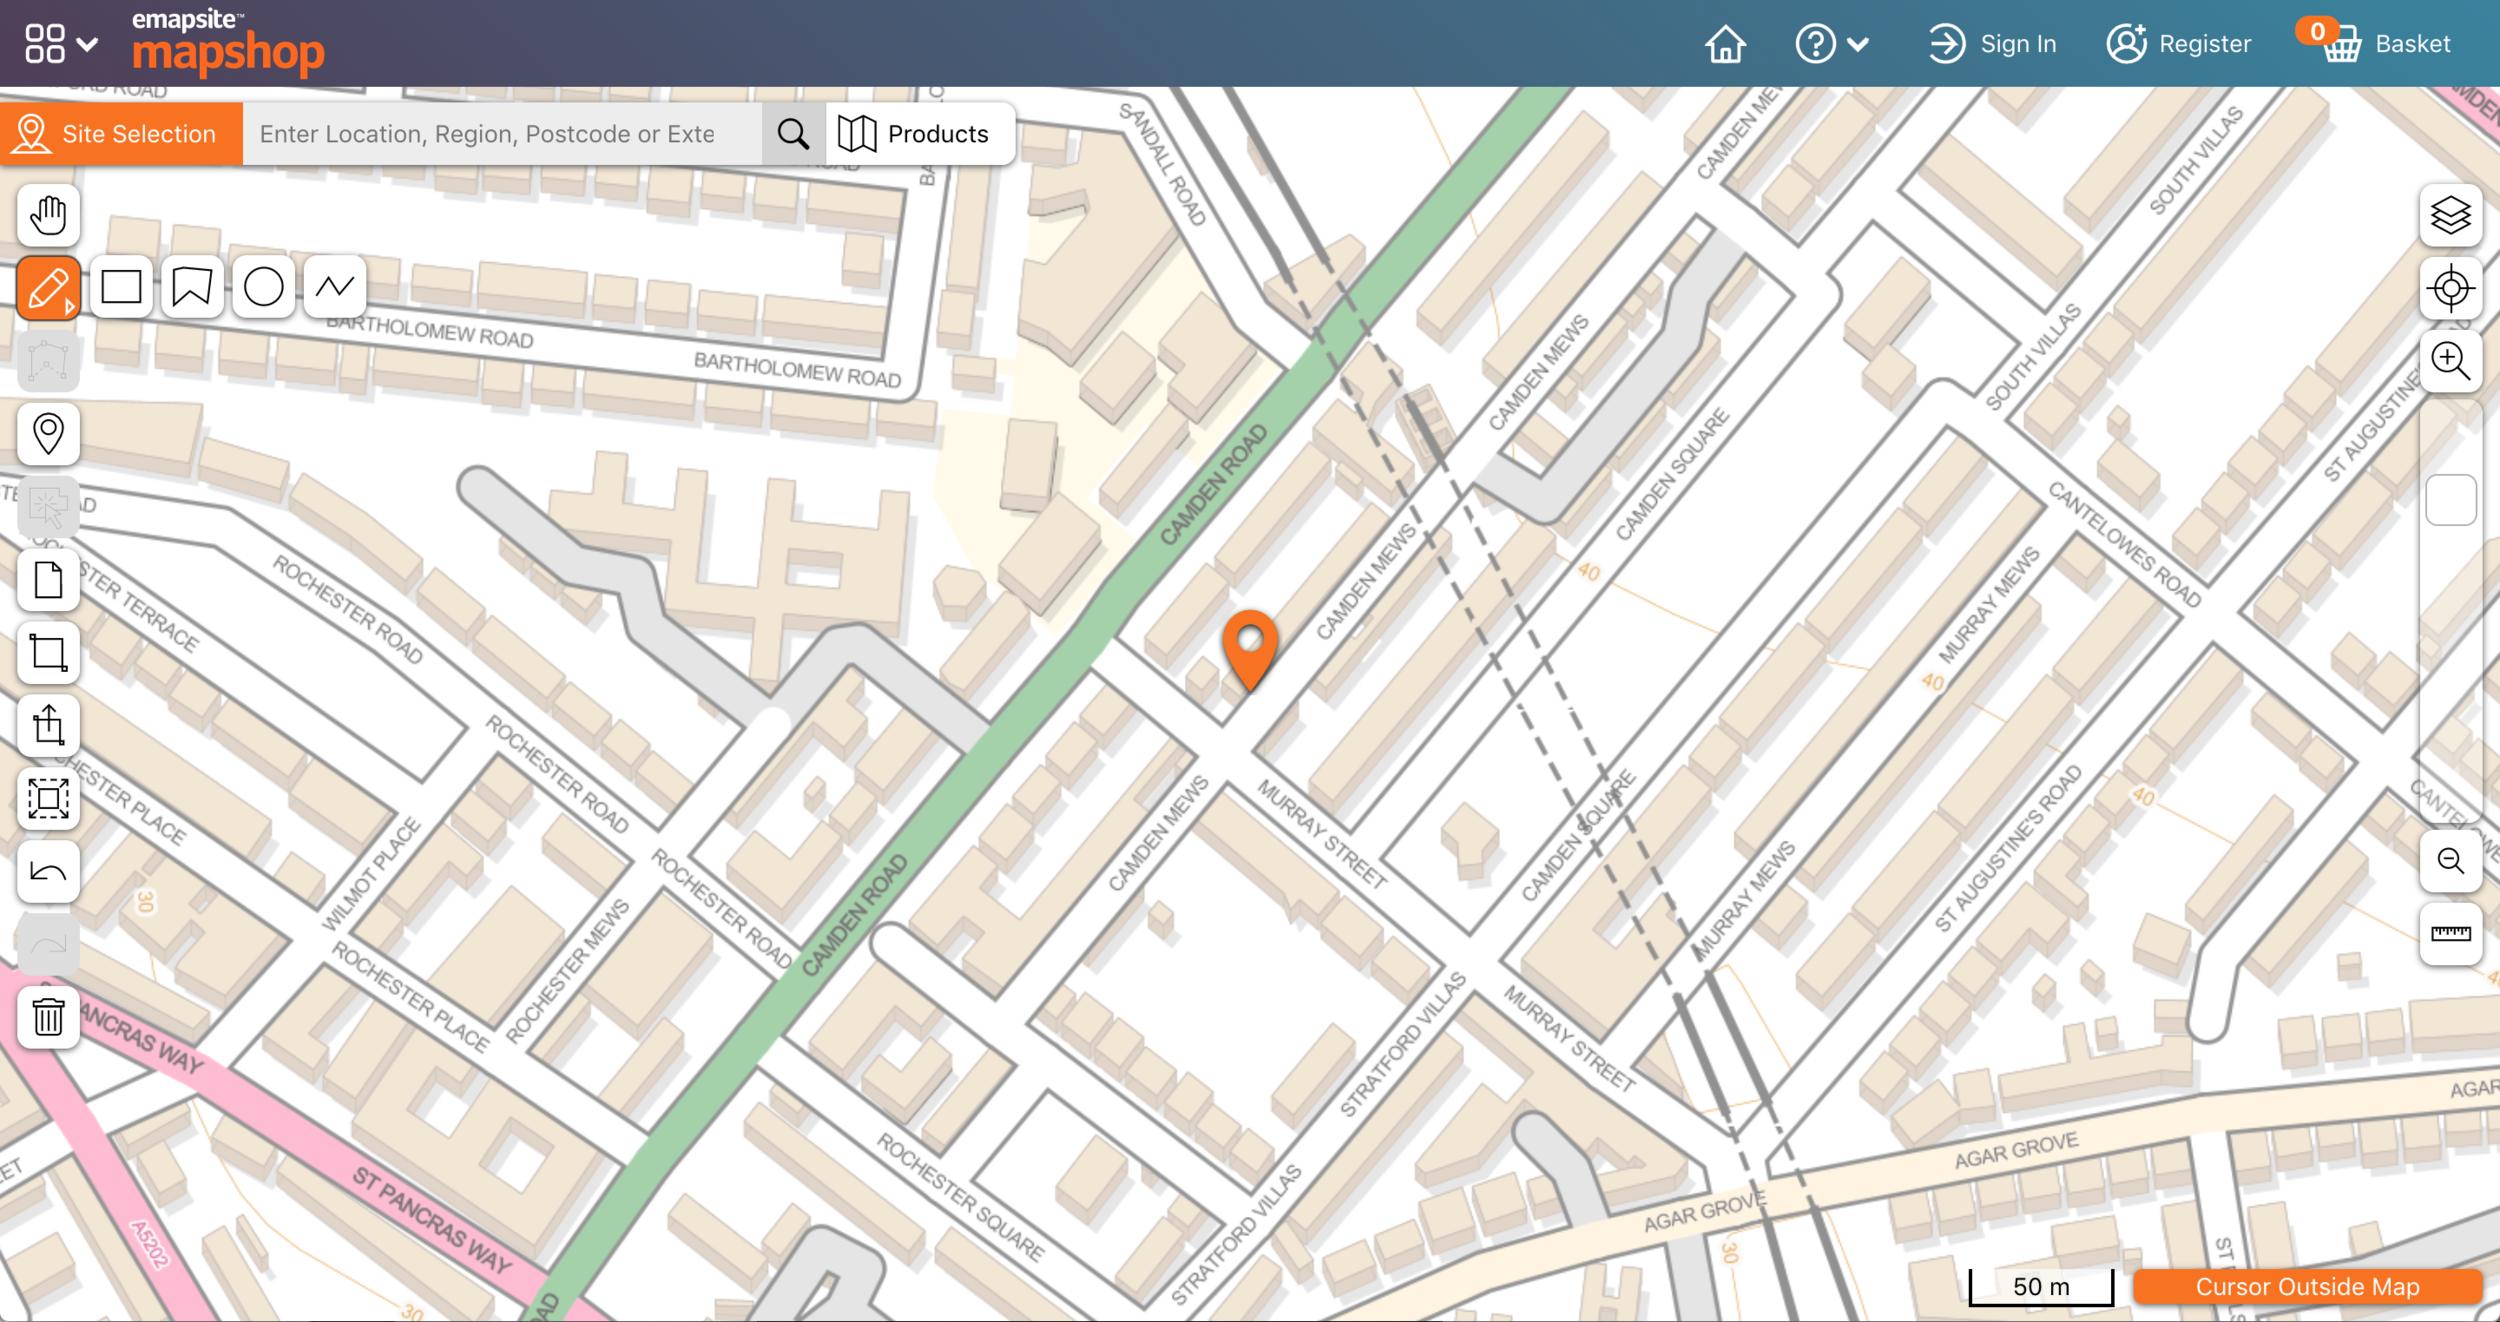 ux-ui-design-emapsite-mapshop